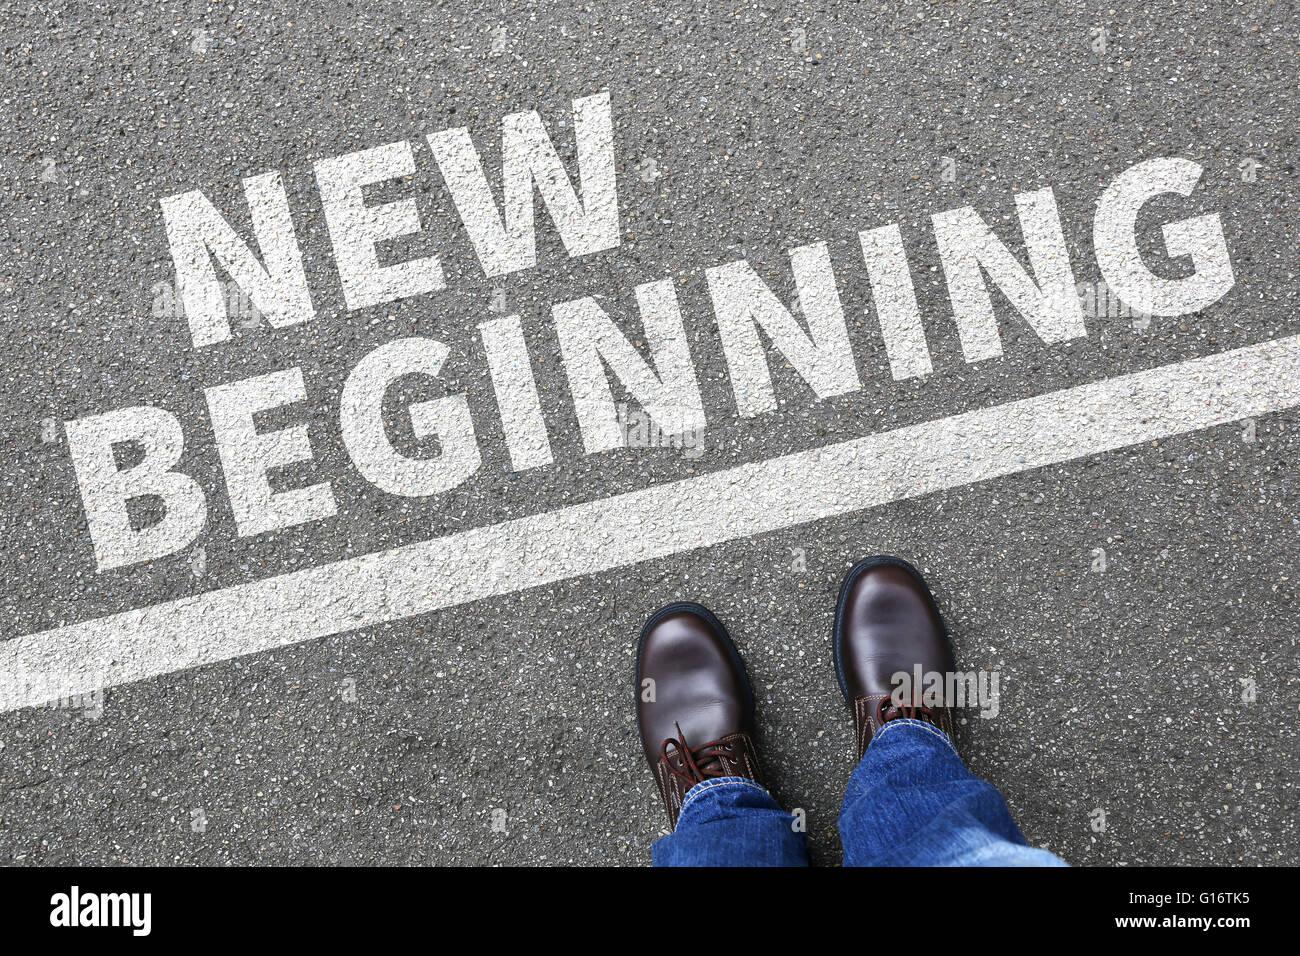 Nuovo inizio inizi vecchia vita futuro passato obiettivi successo decisione decide di modifica Immagini Stock